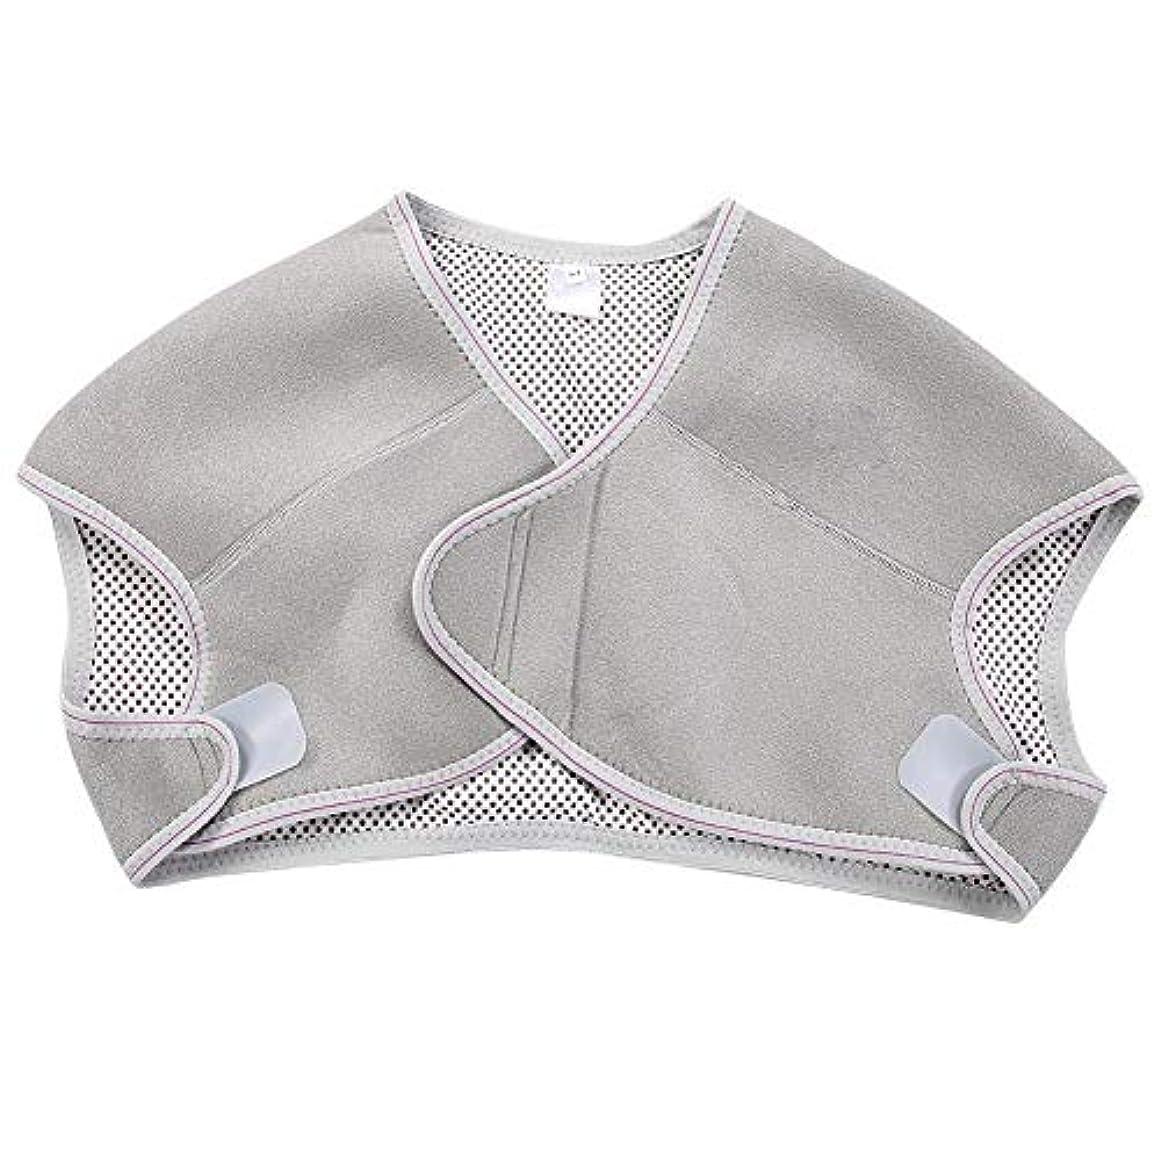 名前ペレグリネーション接地TOPINCN 肩パッド 発熱療法磁気ショルダーパッド 肩 温め ホット 血行促進 ホット 痛み解消 着脱 簡単 男女兼用 調節可能 自己発熱(L)